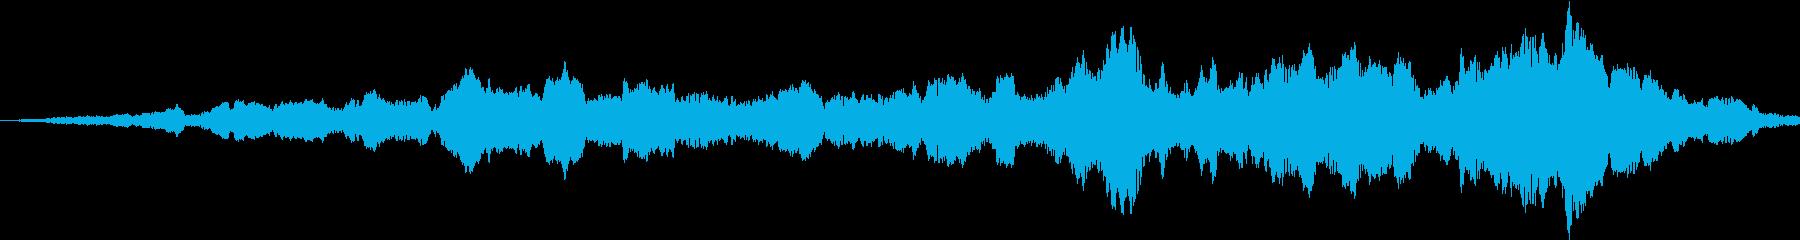 テレポーテーションで瞬間移動の再生済みの波形